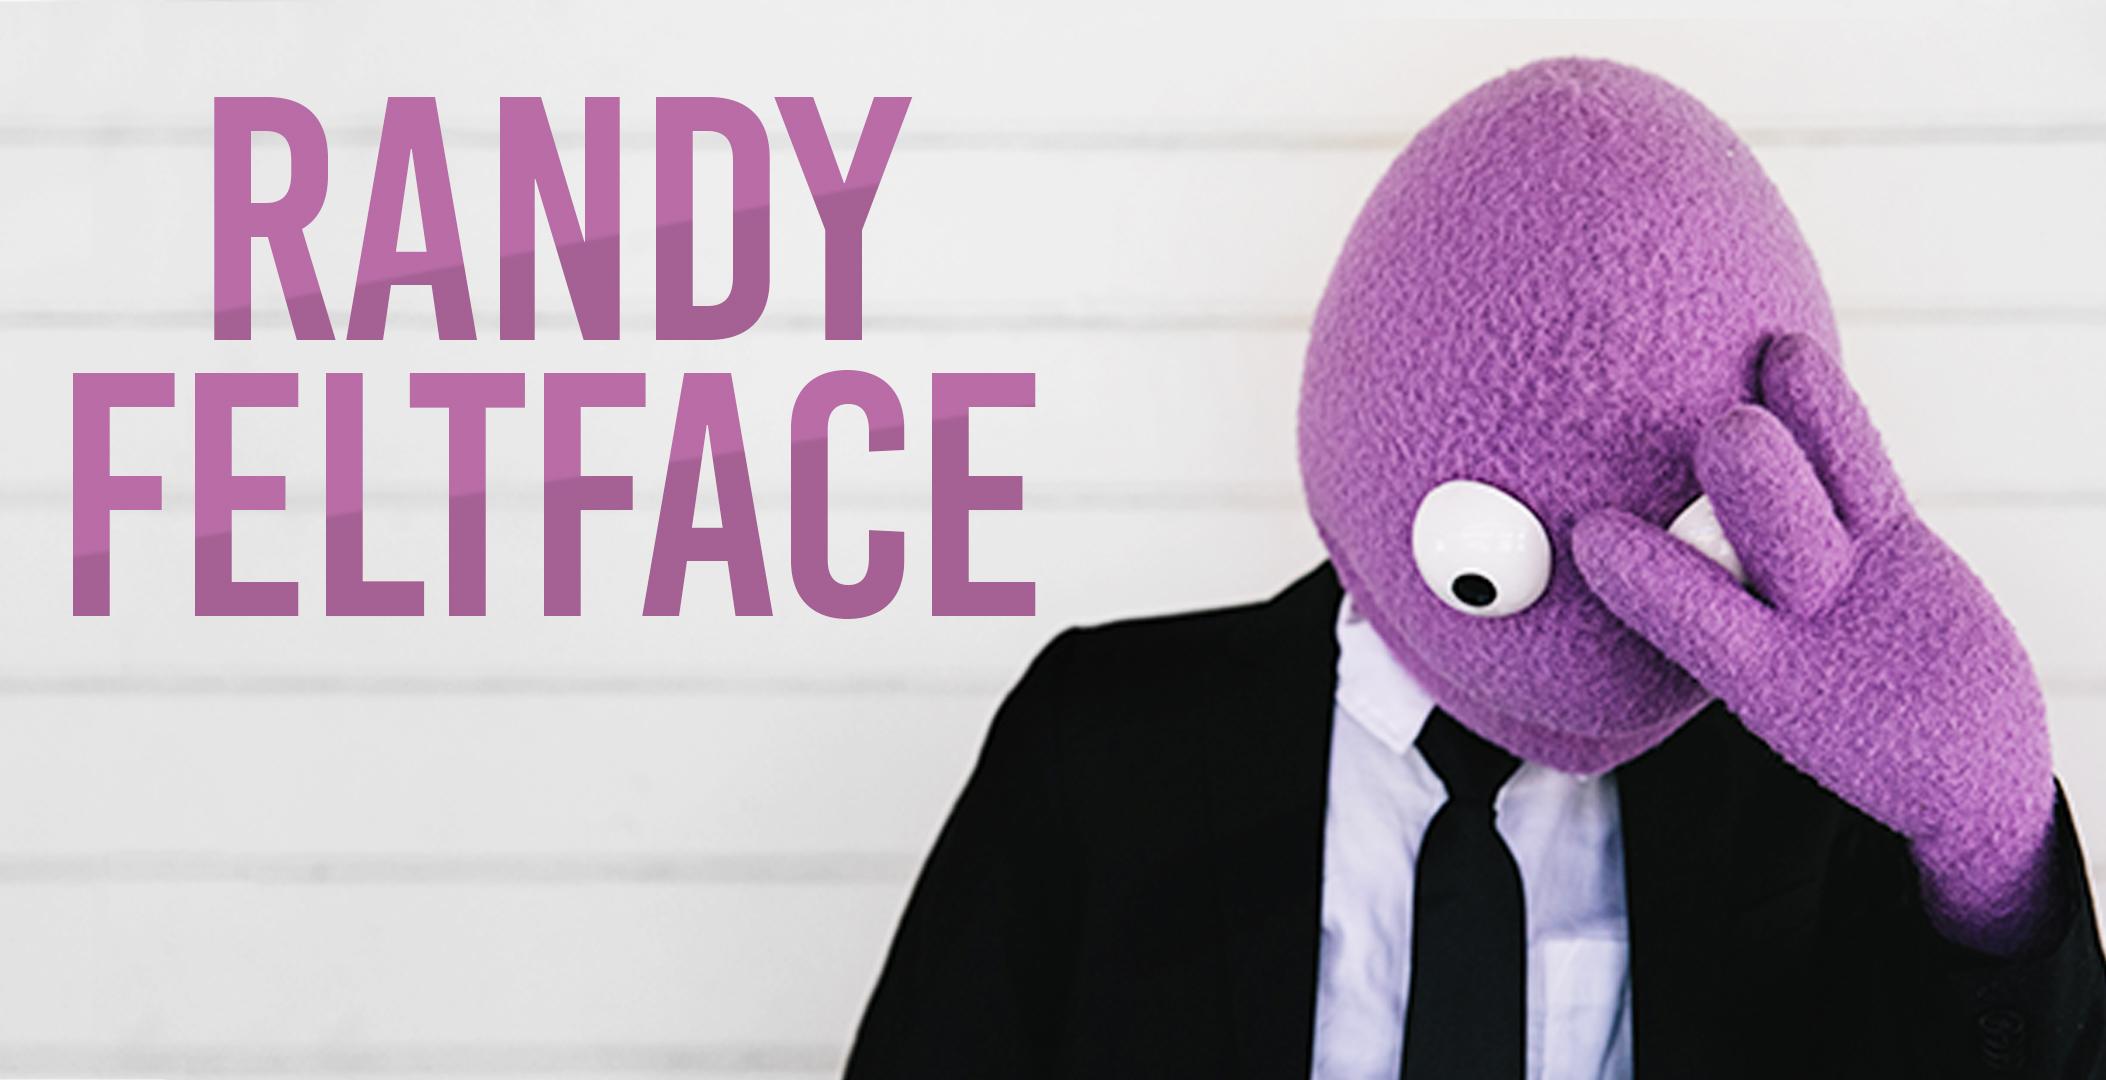 Randy_2160p x 1080p.jpg